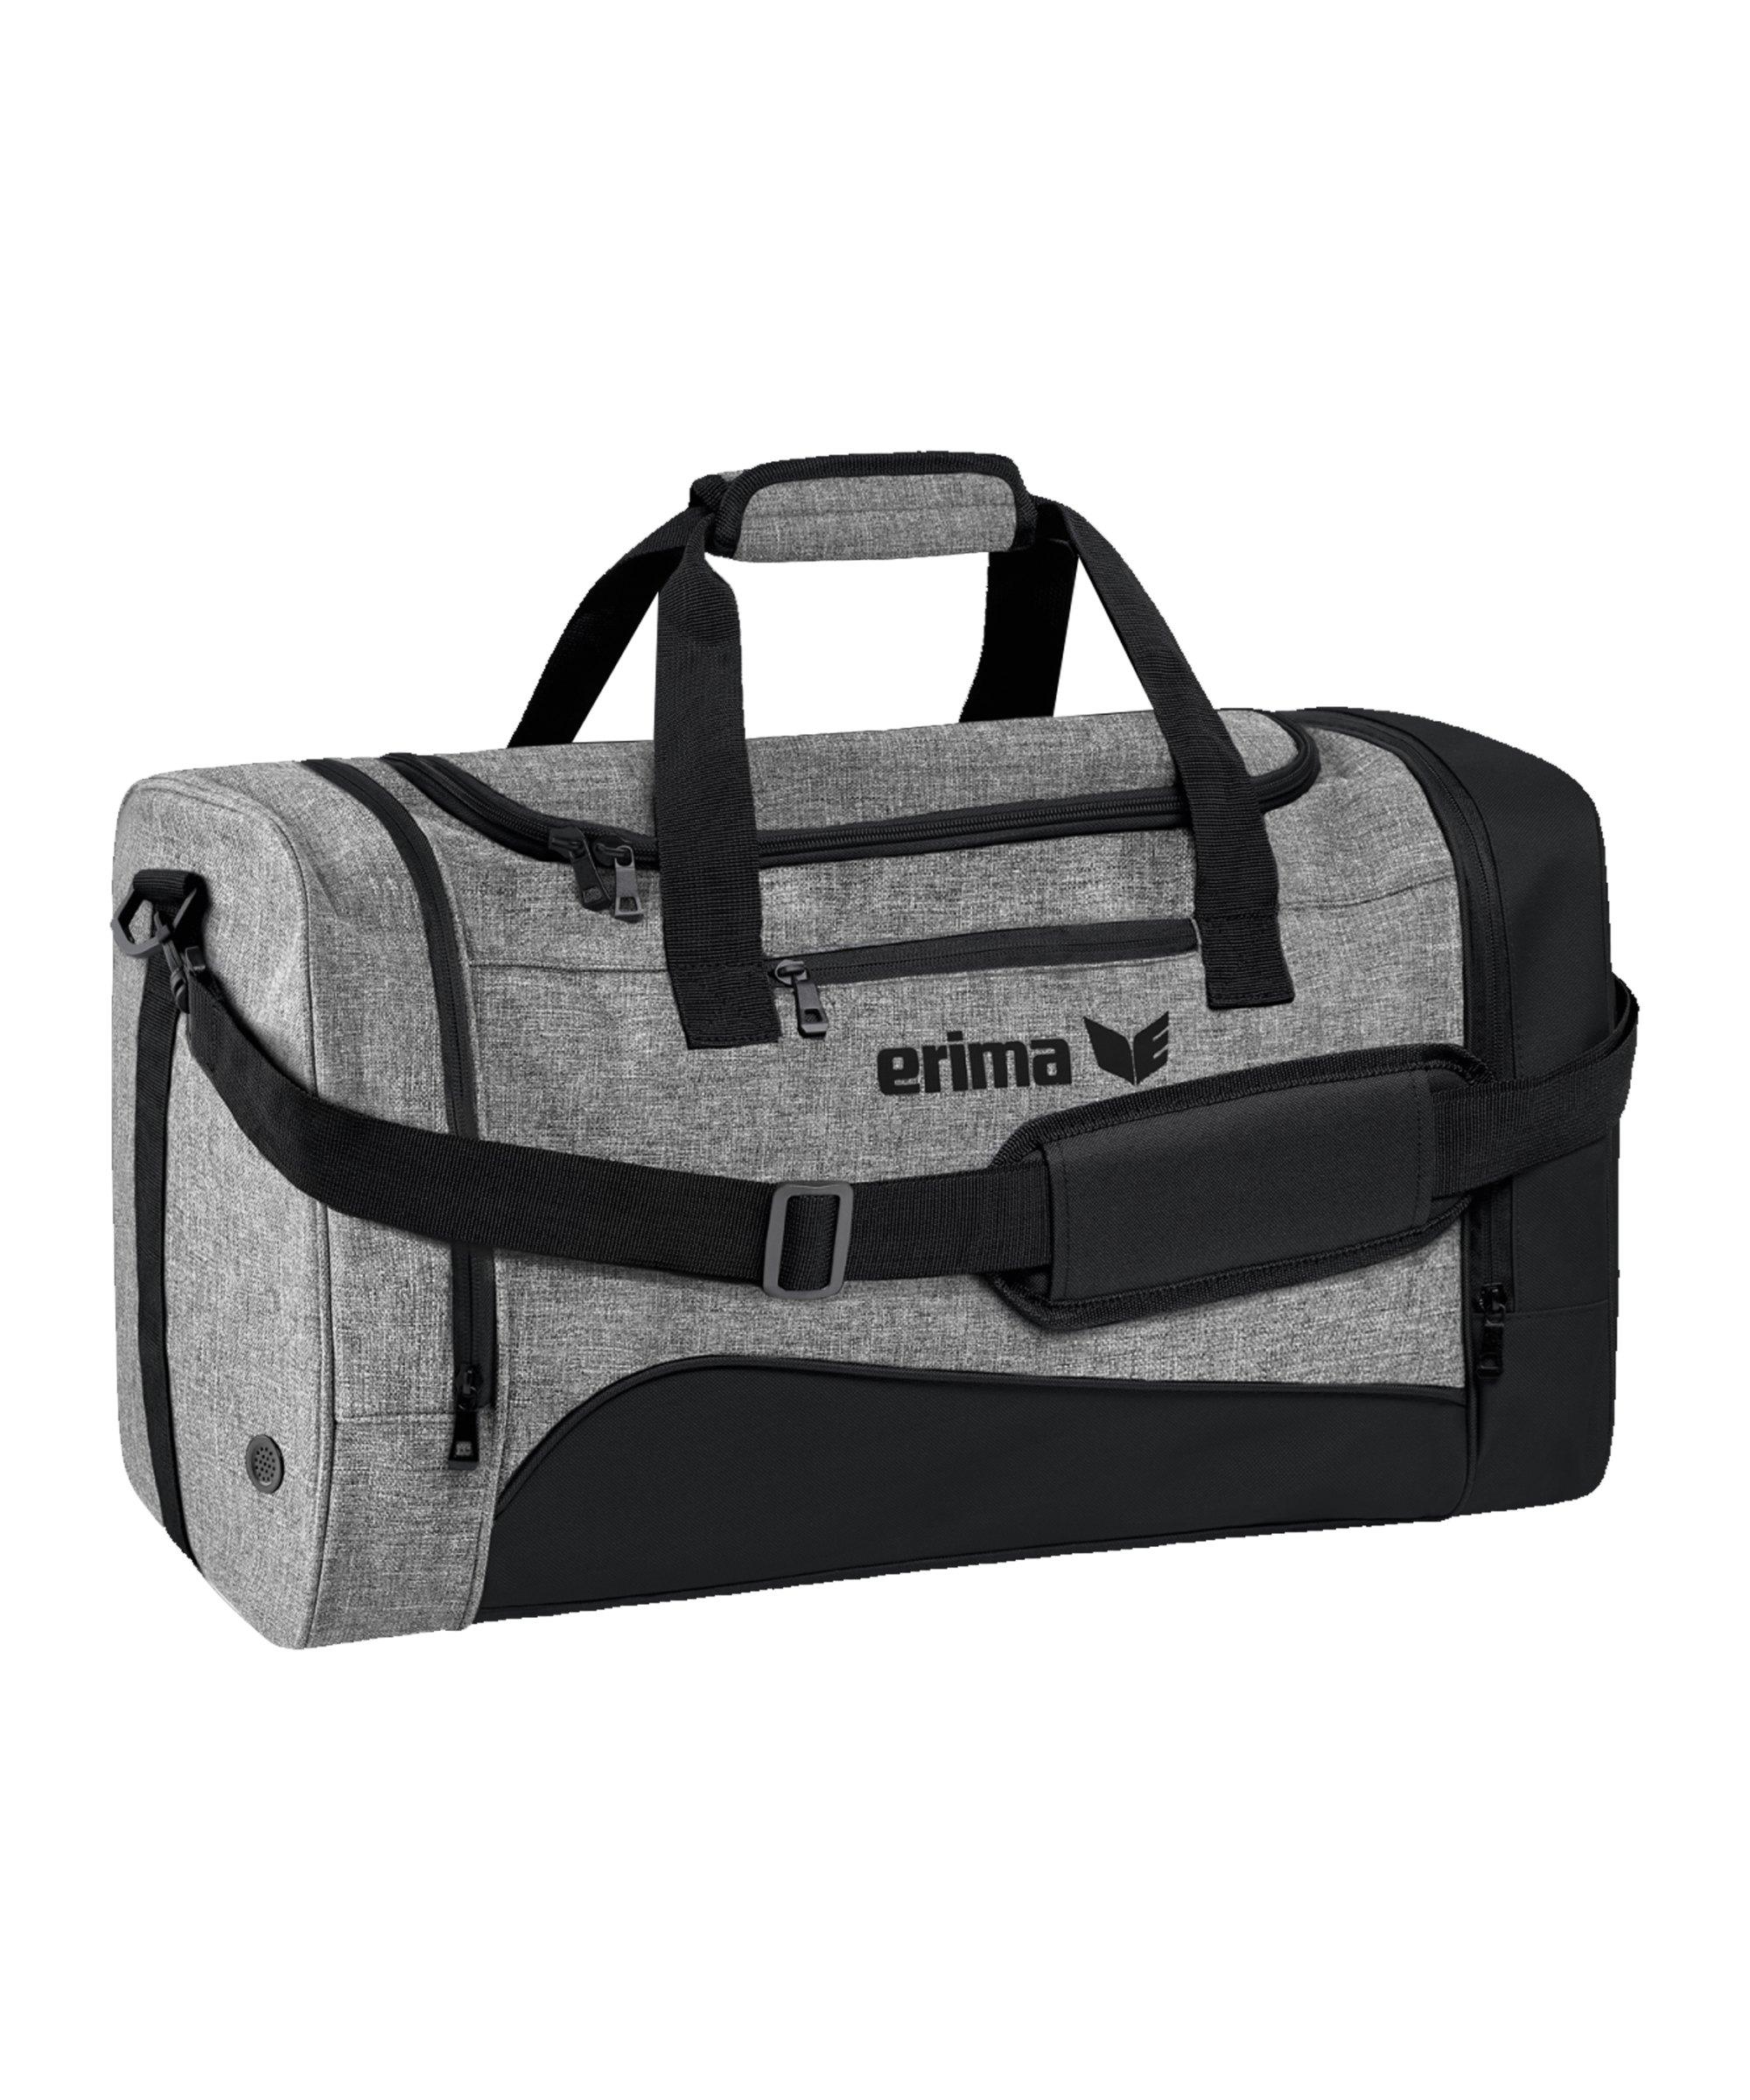 Erima Club 1900 Tasche Gr. L Schwarz Grau - grau